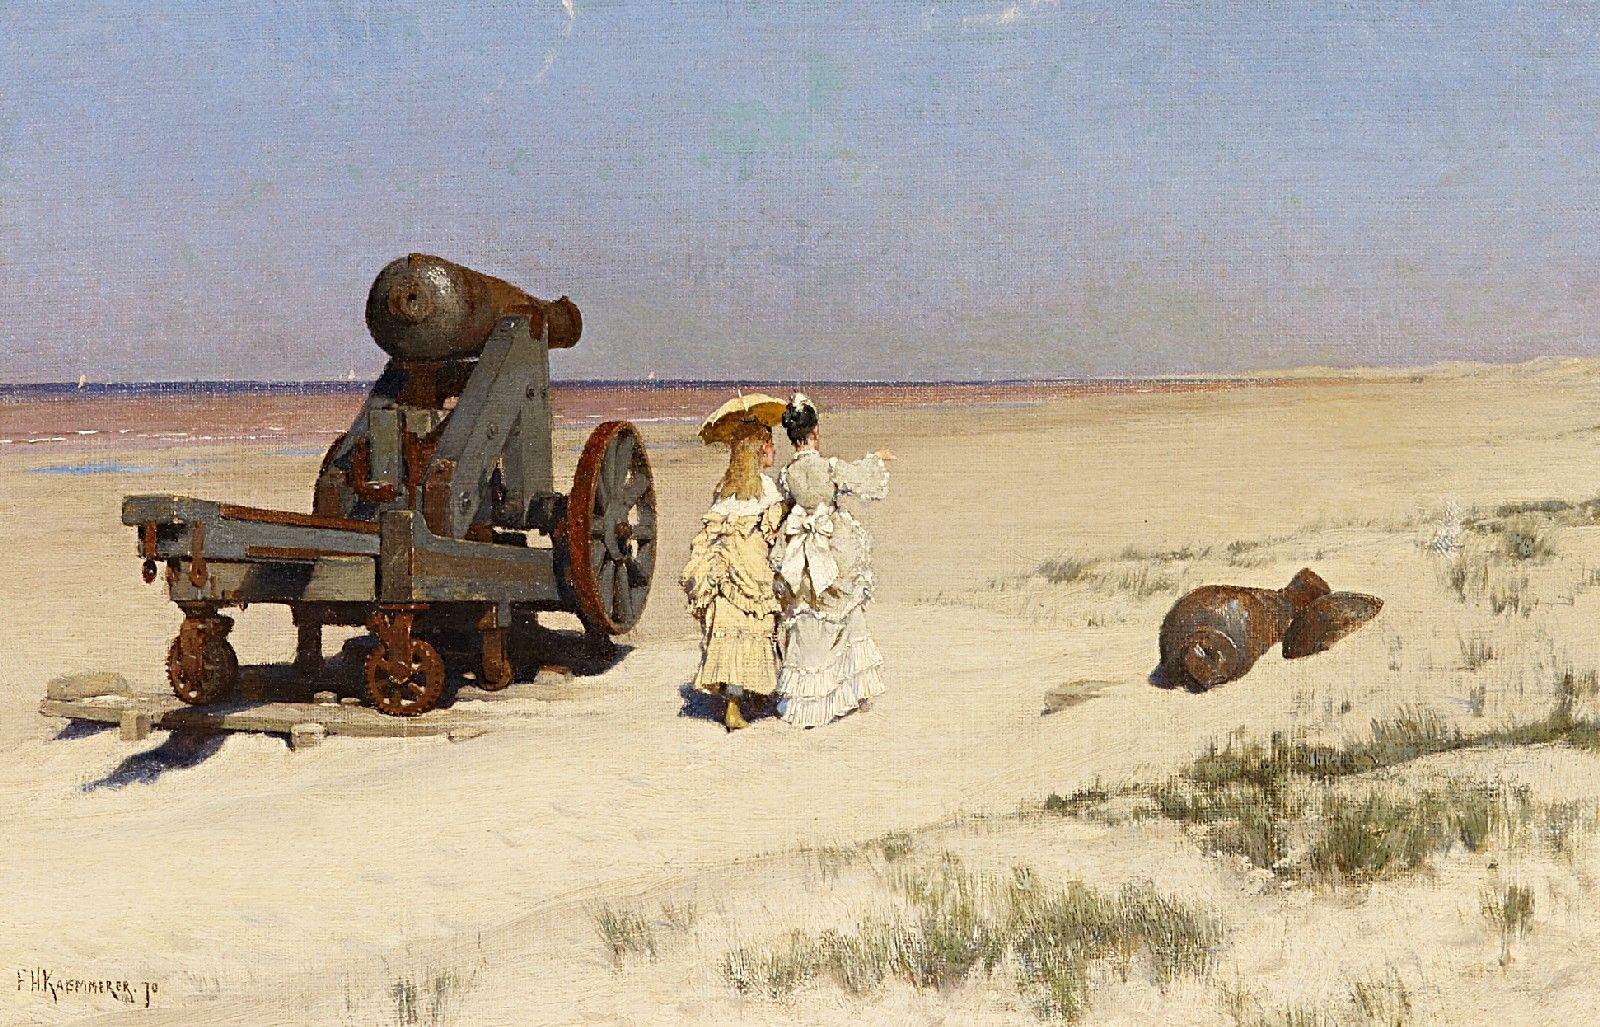 Frederik_Hendrik_Kaemmerer_Am_Strand_1870.jpg